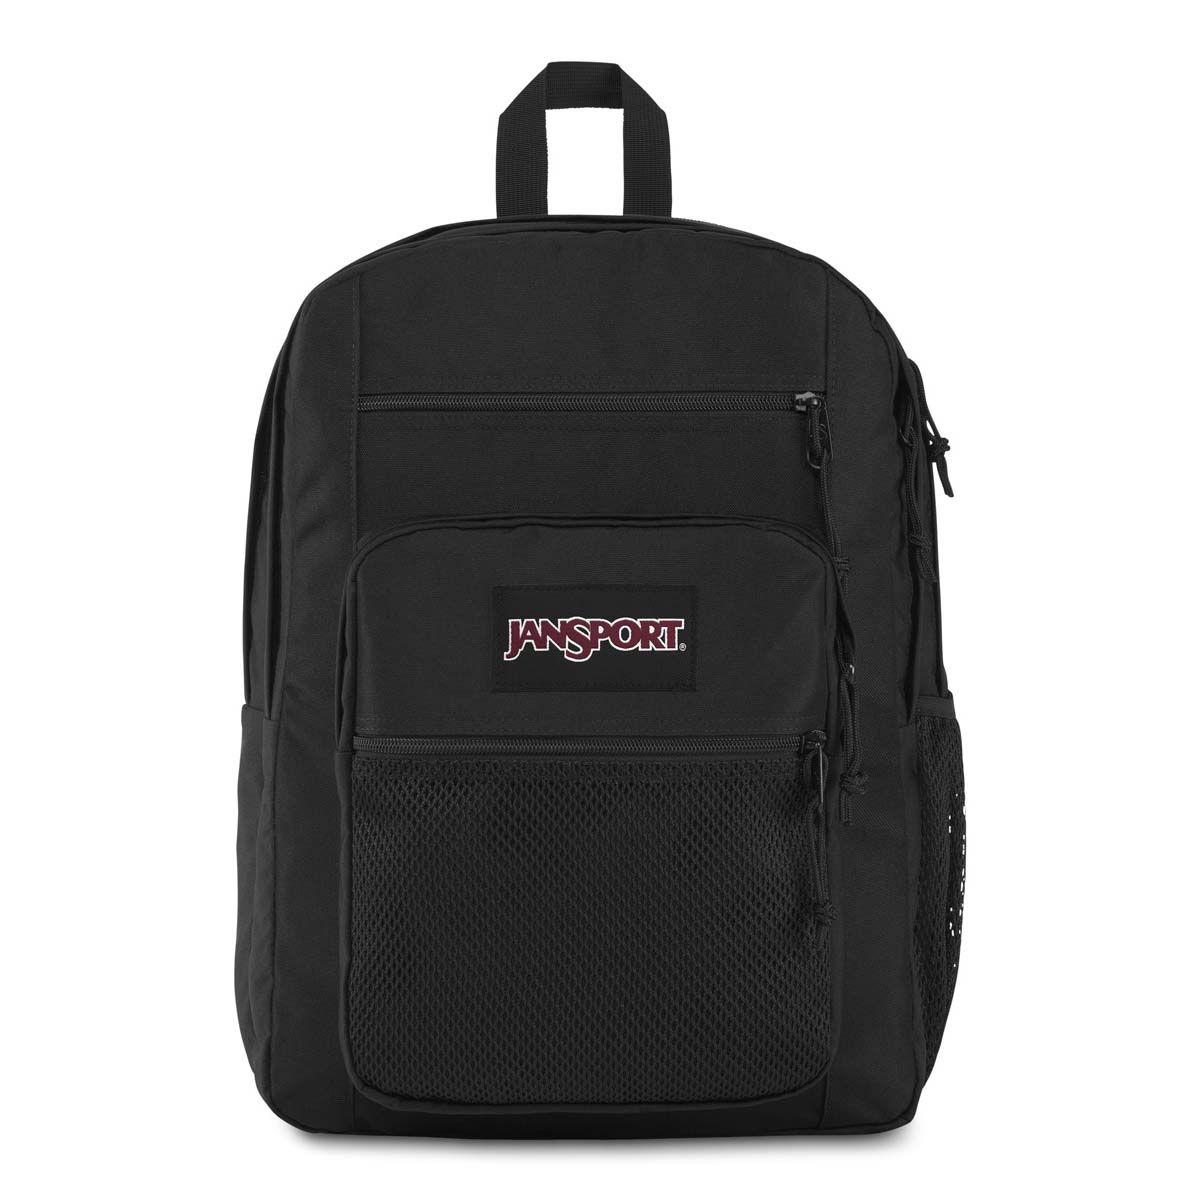 JanSport Big Campus Backpack in Black